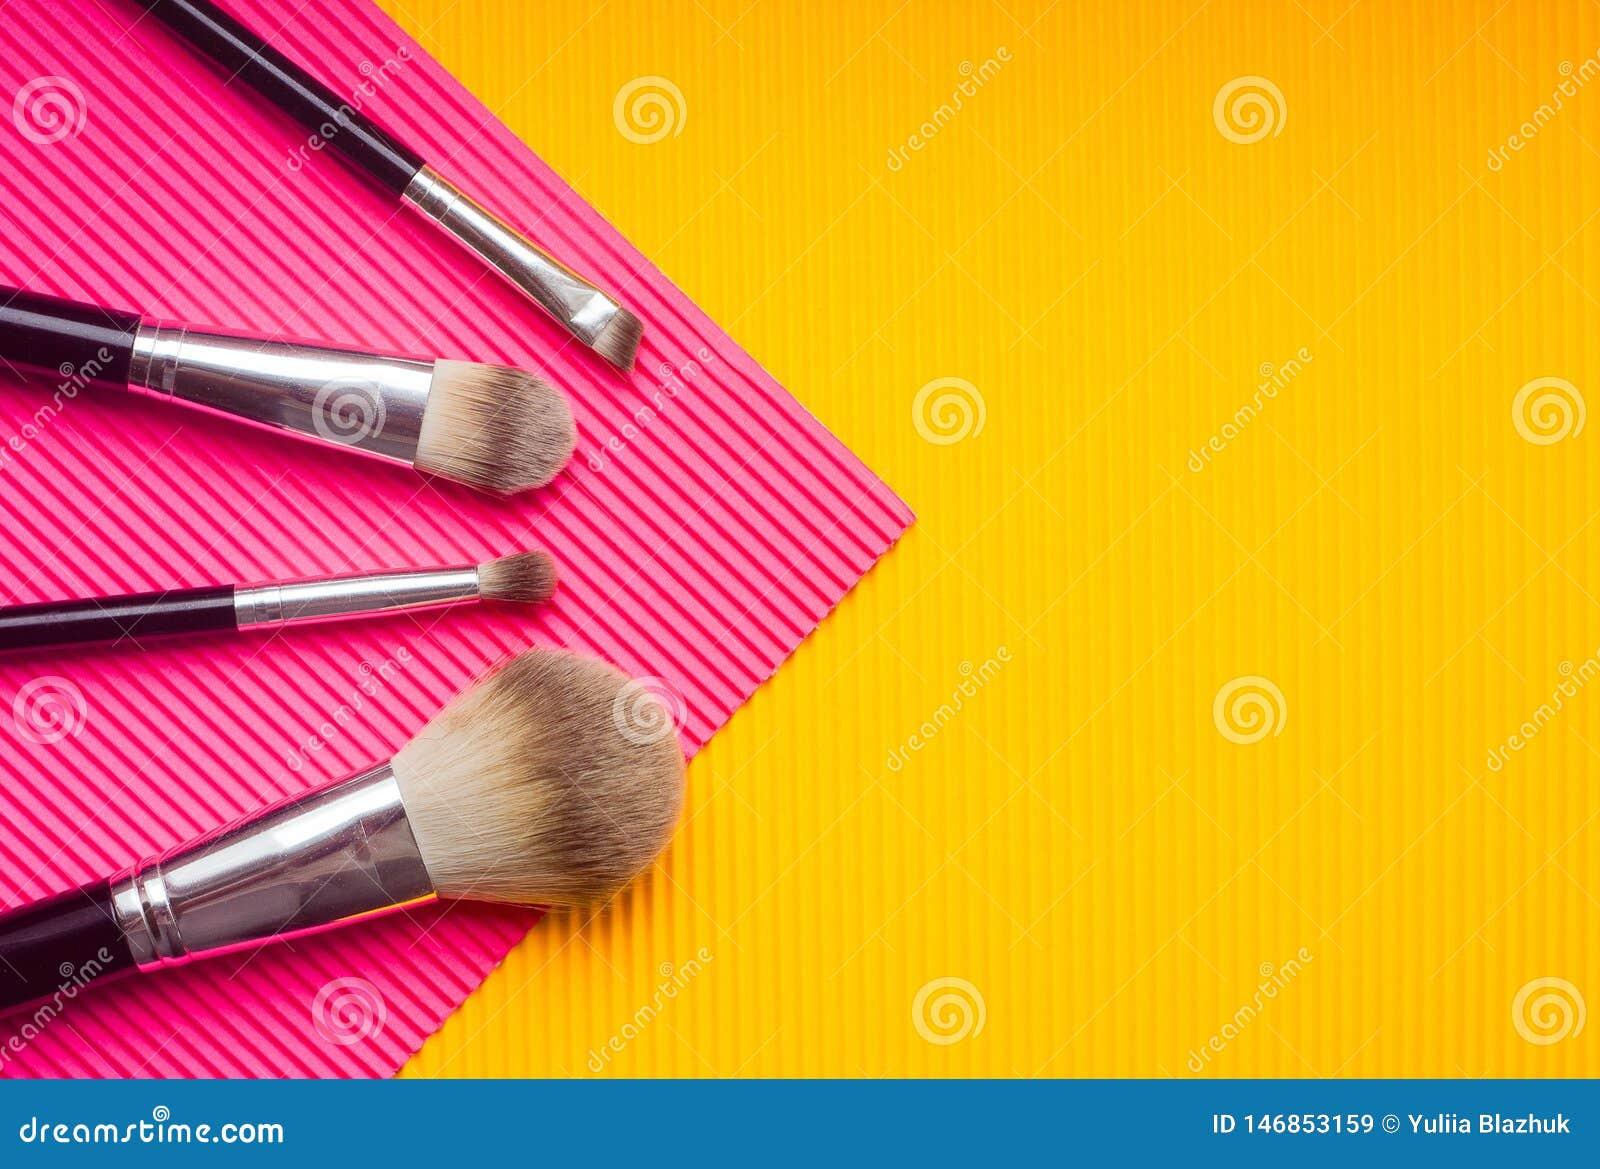 Metta delle spazzole di trucco contro fondo multicolore Punto di vista superiore, disposizione piana